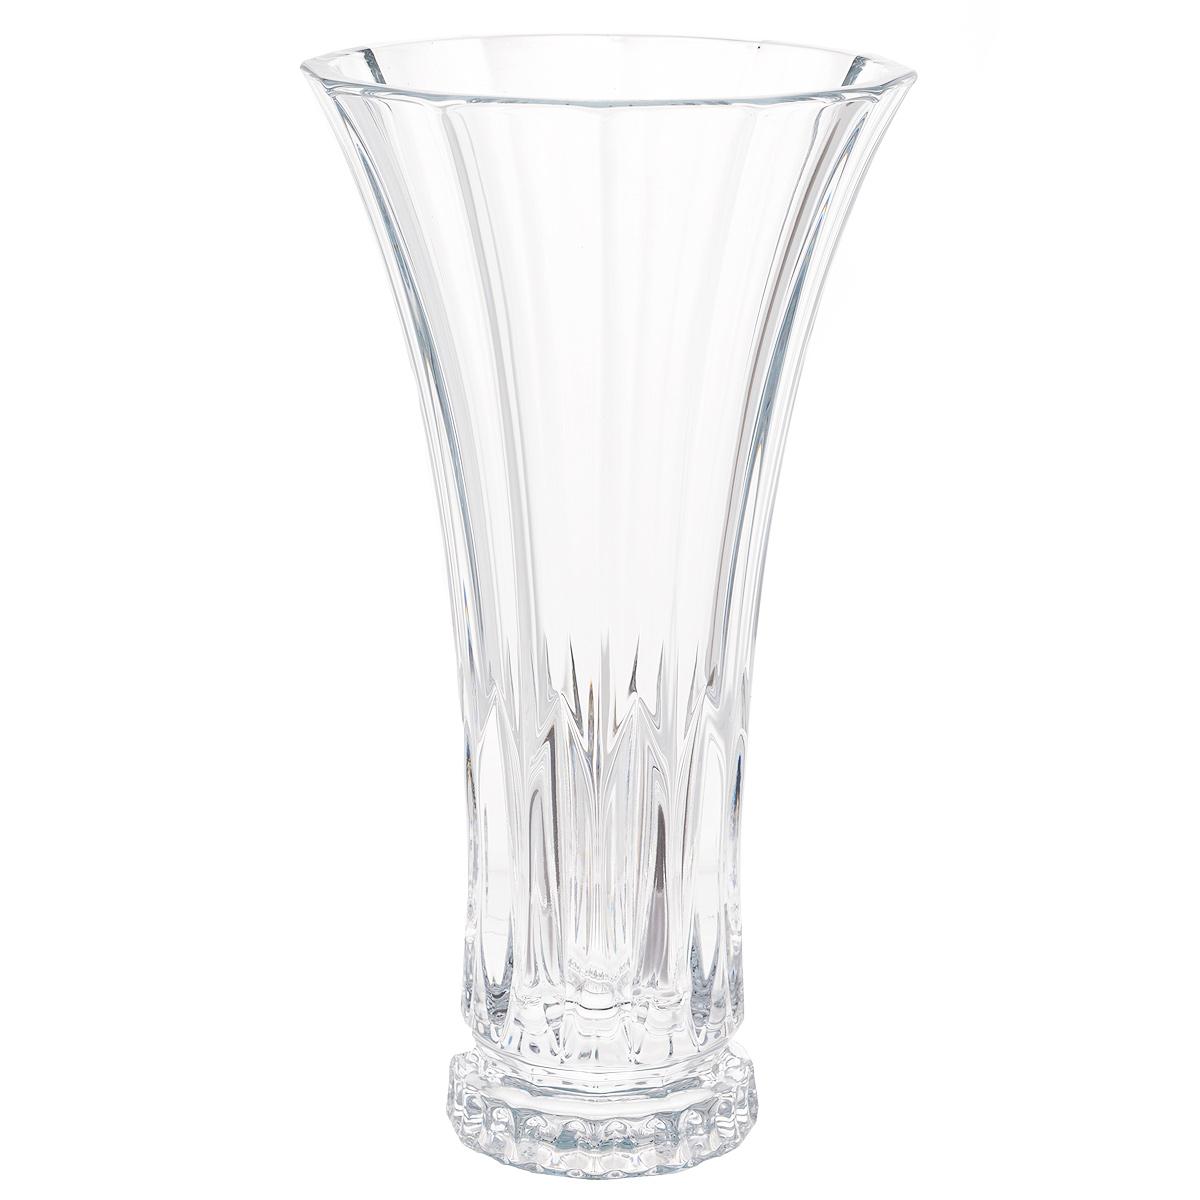 Ваза Crystalite Bohemia Веллингтон, высота 28 см8KG08/0/99S37/305Изящная ваза Crystalite Bohemia Веллингтон изготовлена из прочного утолщенного стекла кристалайт. Она красиво переливается и излучает приятный блеск. Ваза оснащена многогранной рельефной поверхностью, что делает ее изящным украшением интерьера. Ваза Crystalite Bohemia Веллингтон дополнит интерьер офиса или дома и станет желанным и стильным подарком.